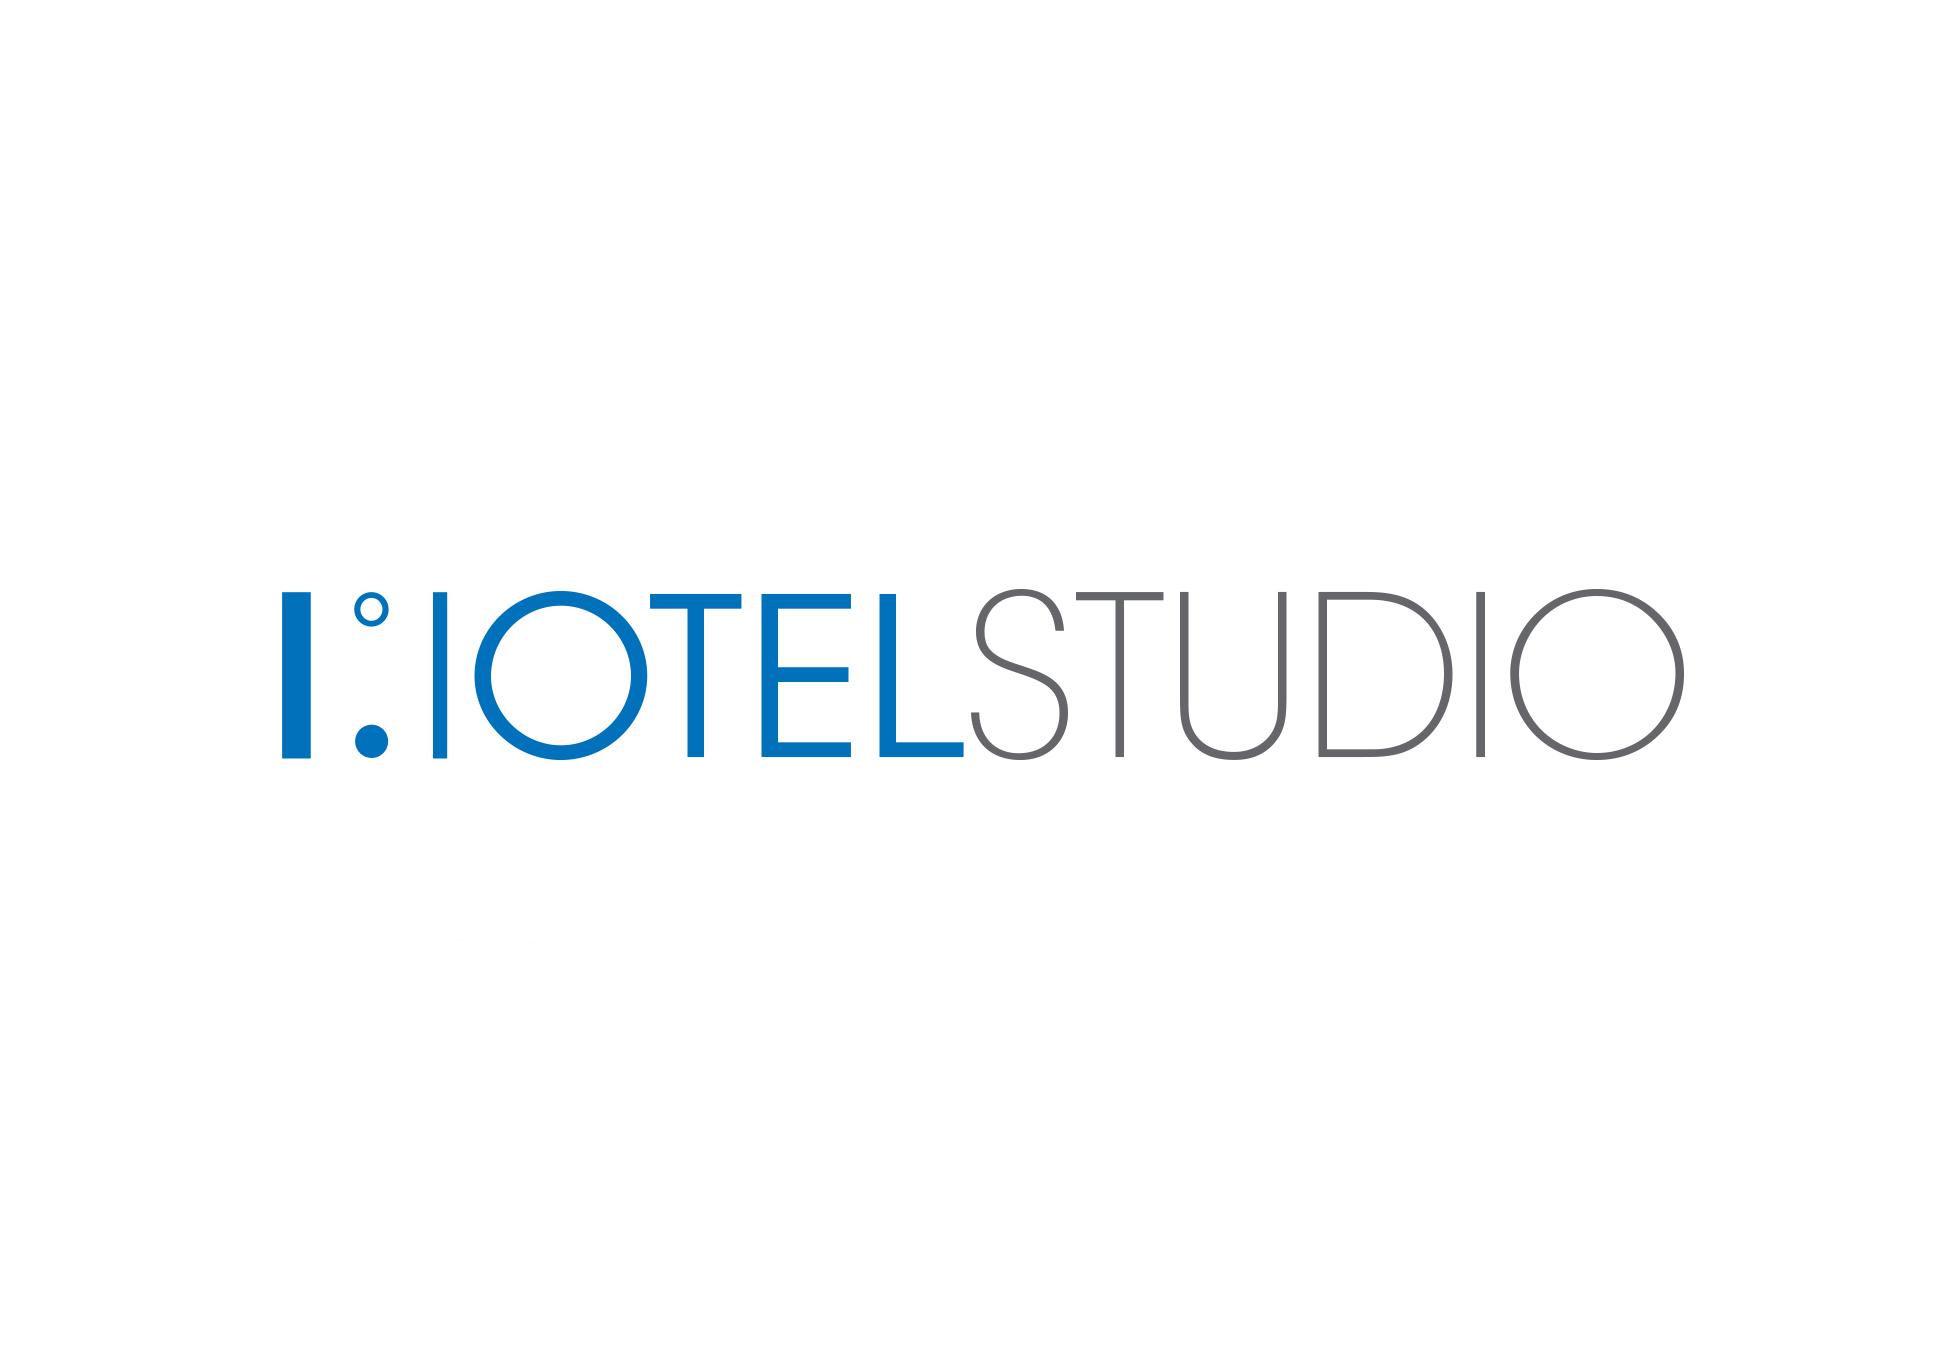 HotelStudio